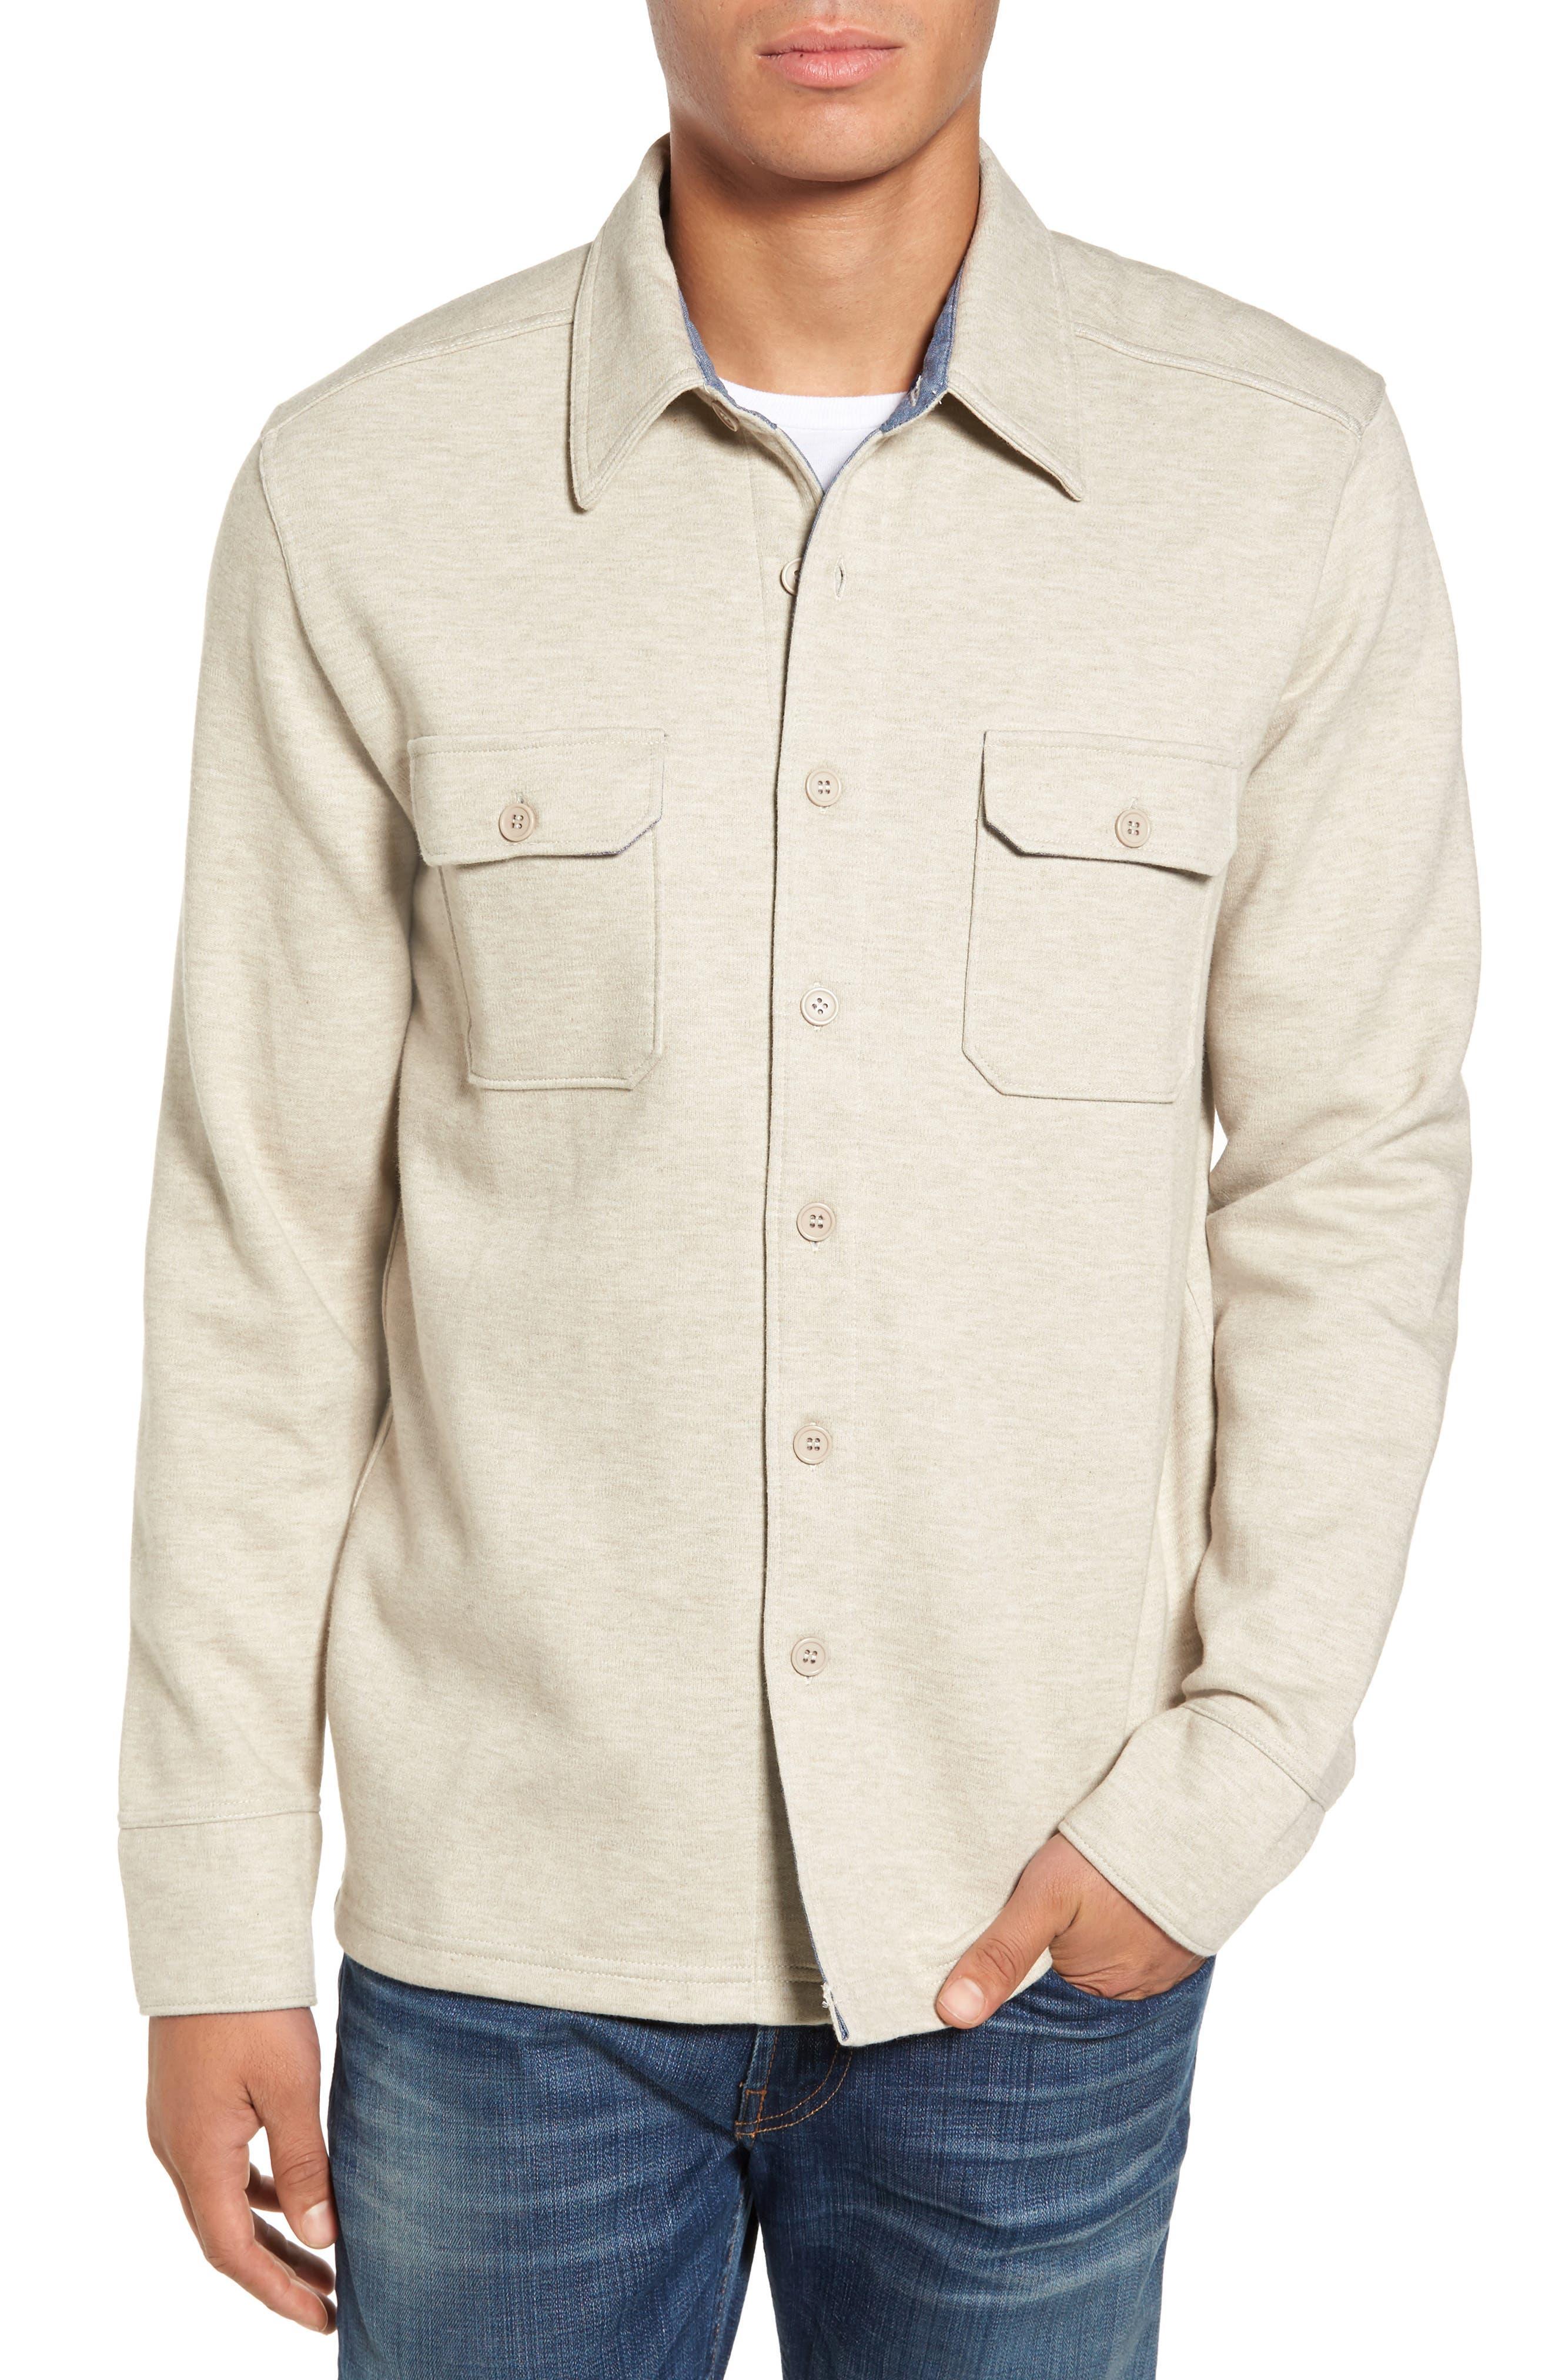 'Longitude' Flap Pocket Fleece Shirt,                             Main thumbnail 1, color,                             Bamboo Ivory